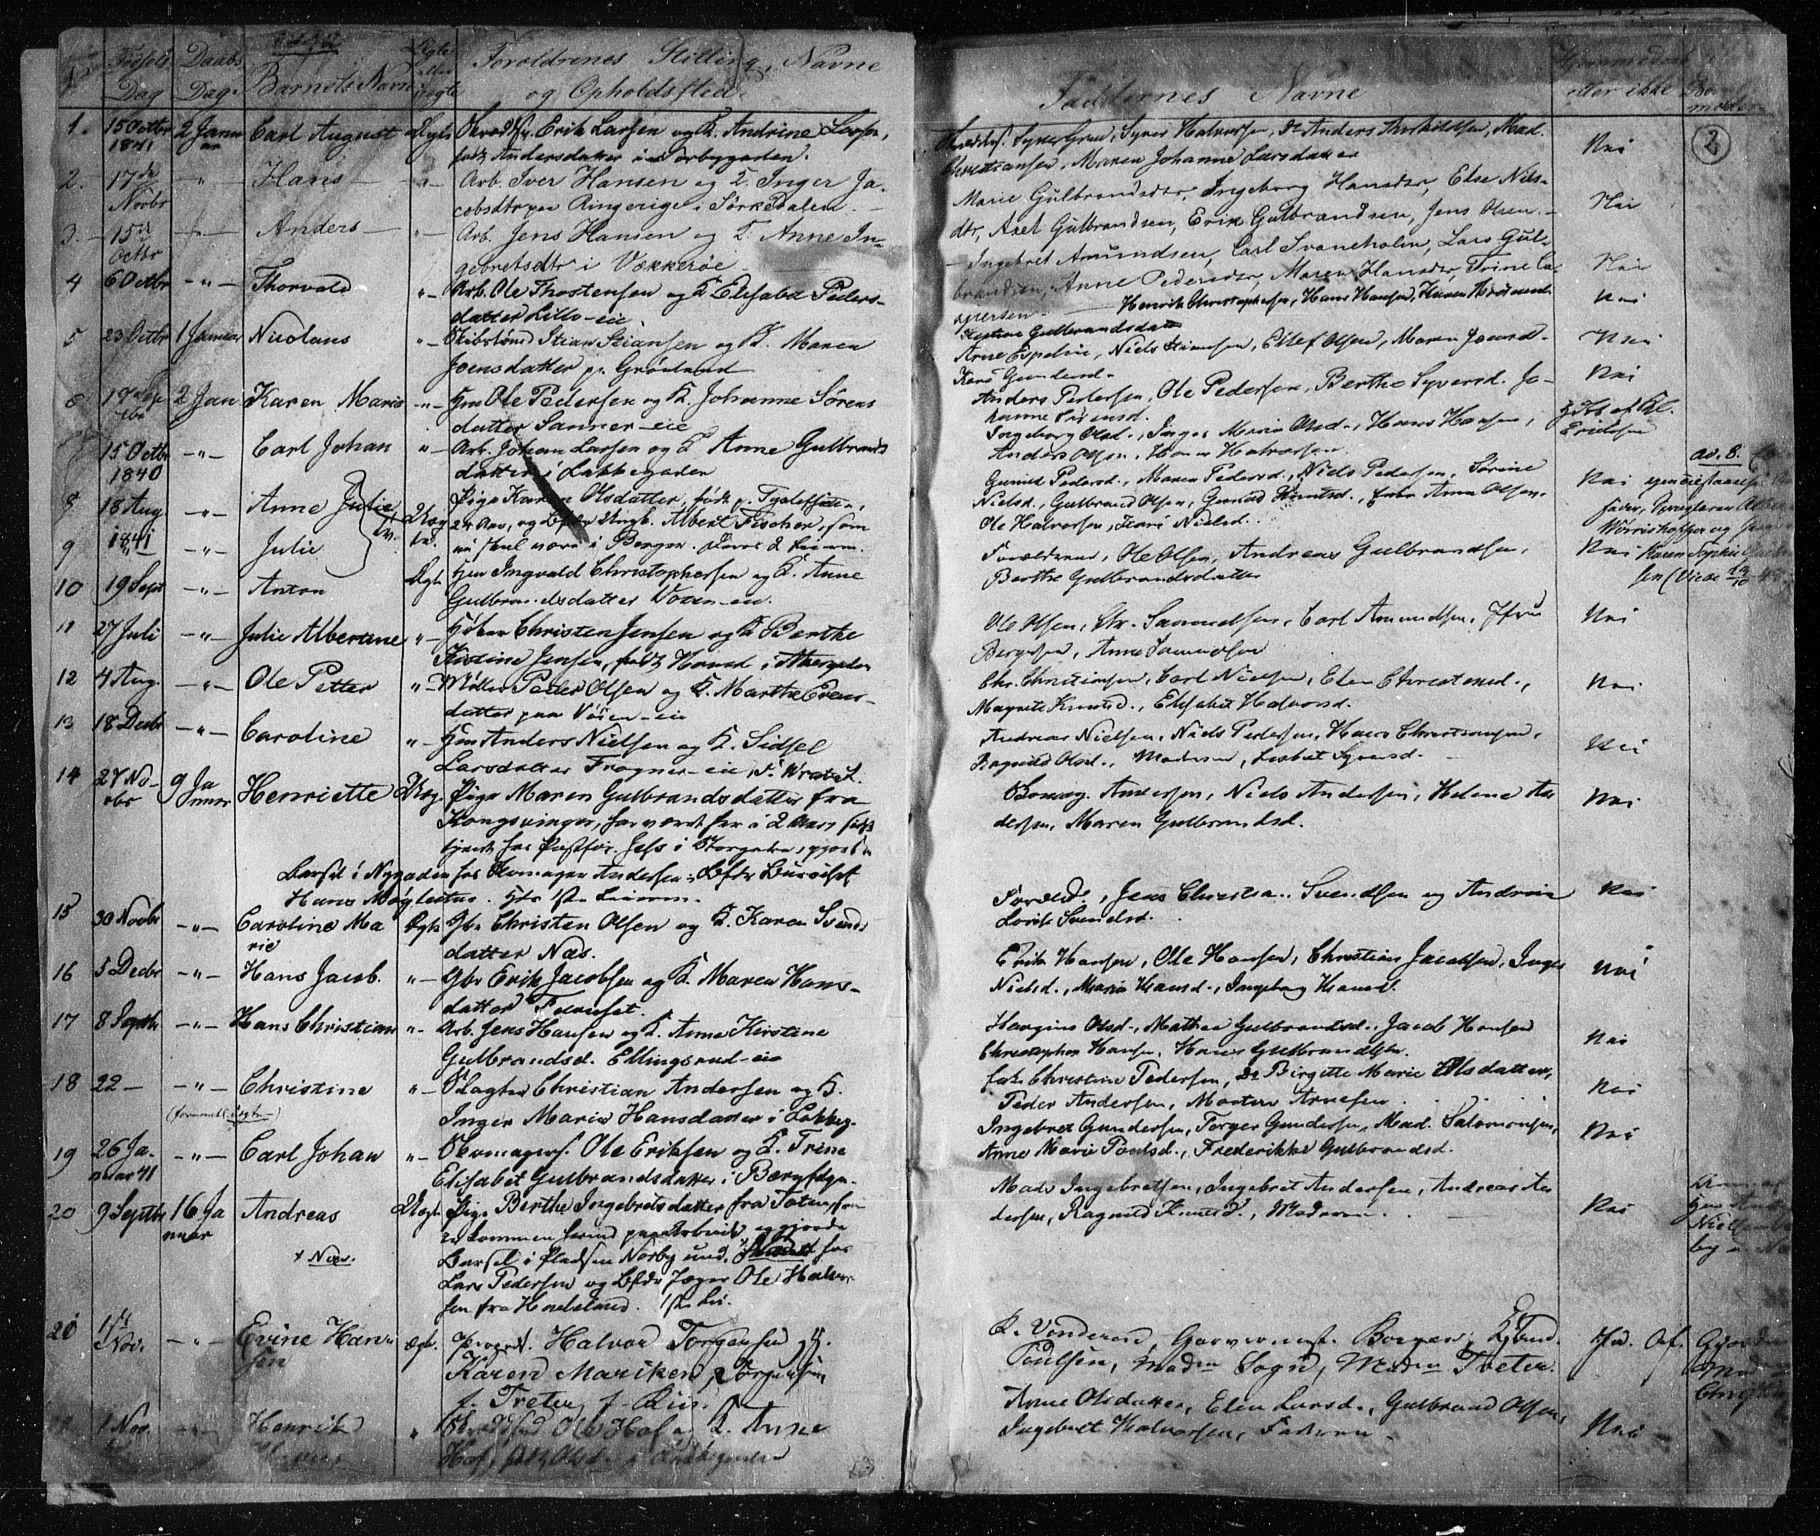 SAO, Aker prestekontor kirkebøker, F/L0019: Ministerialbok nr. 19, 1842-1852, s. 2